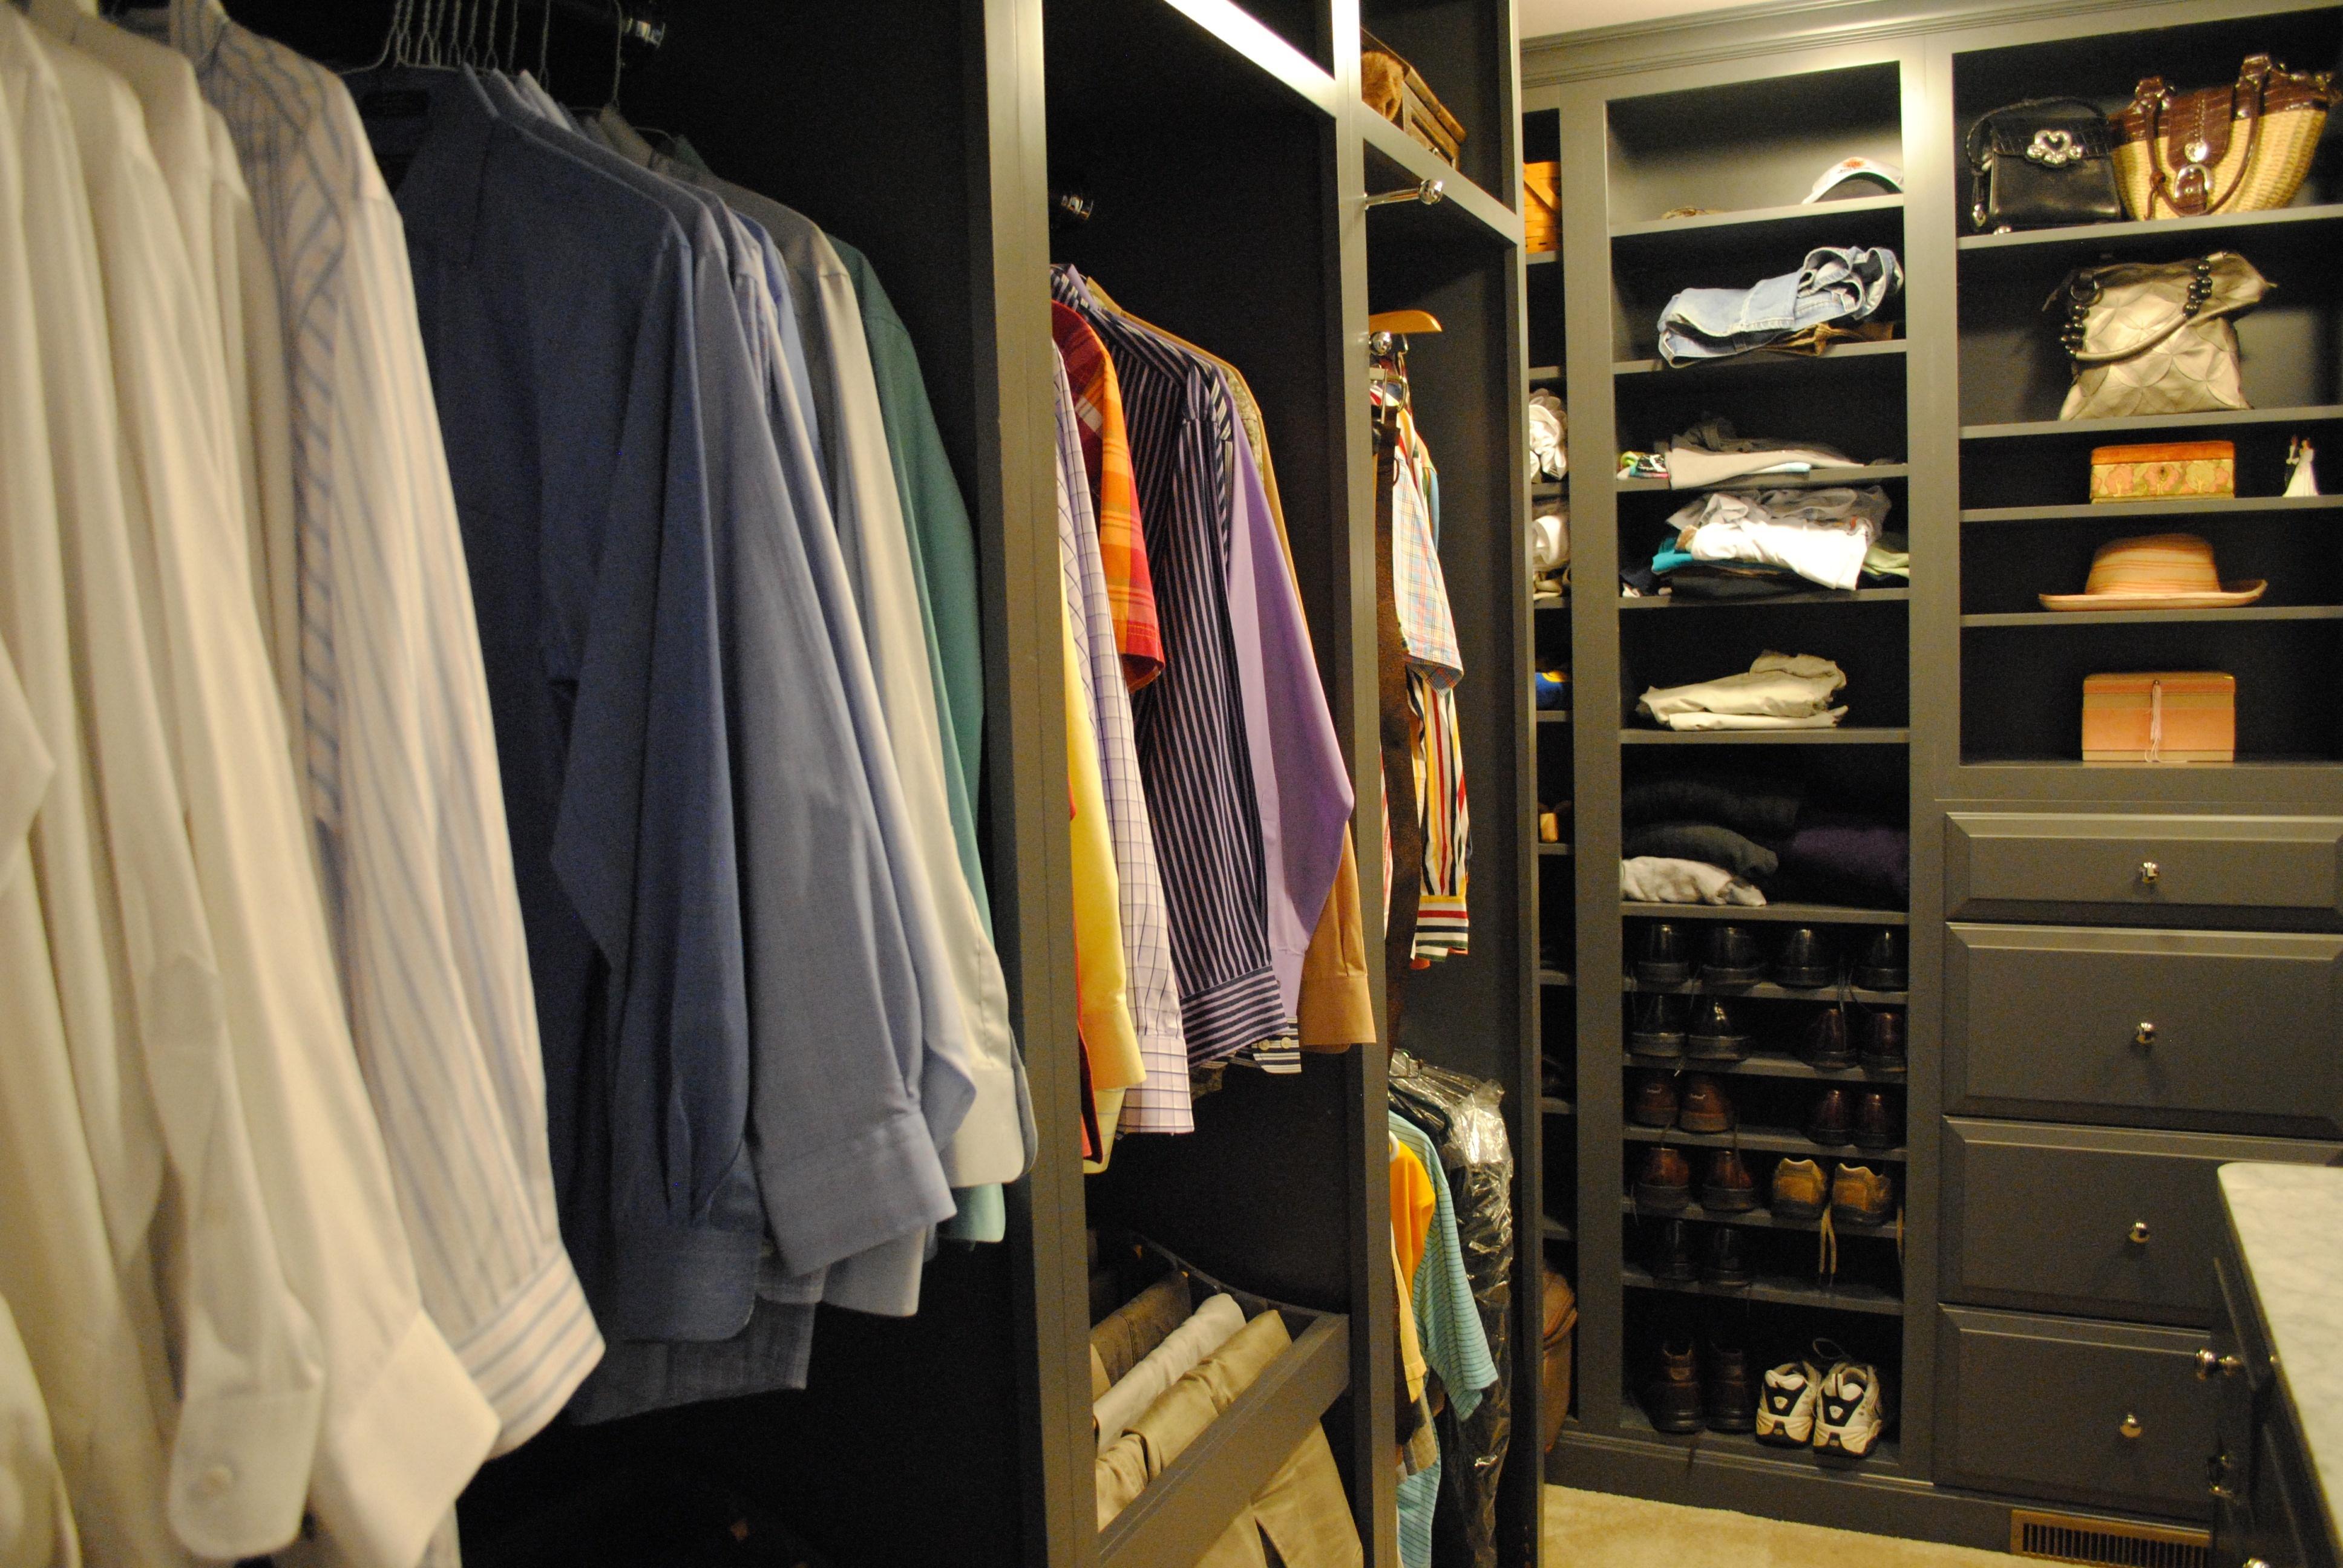 Вещь с мехом нельзя хранить в сложенном виде в плотном штабеле с другой одеждой